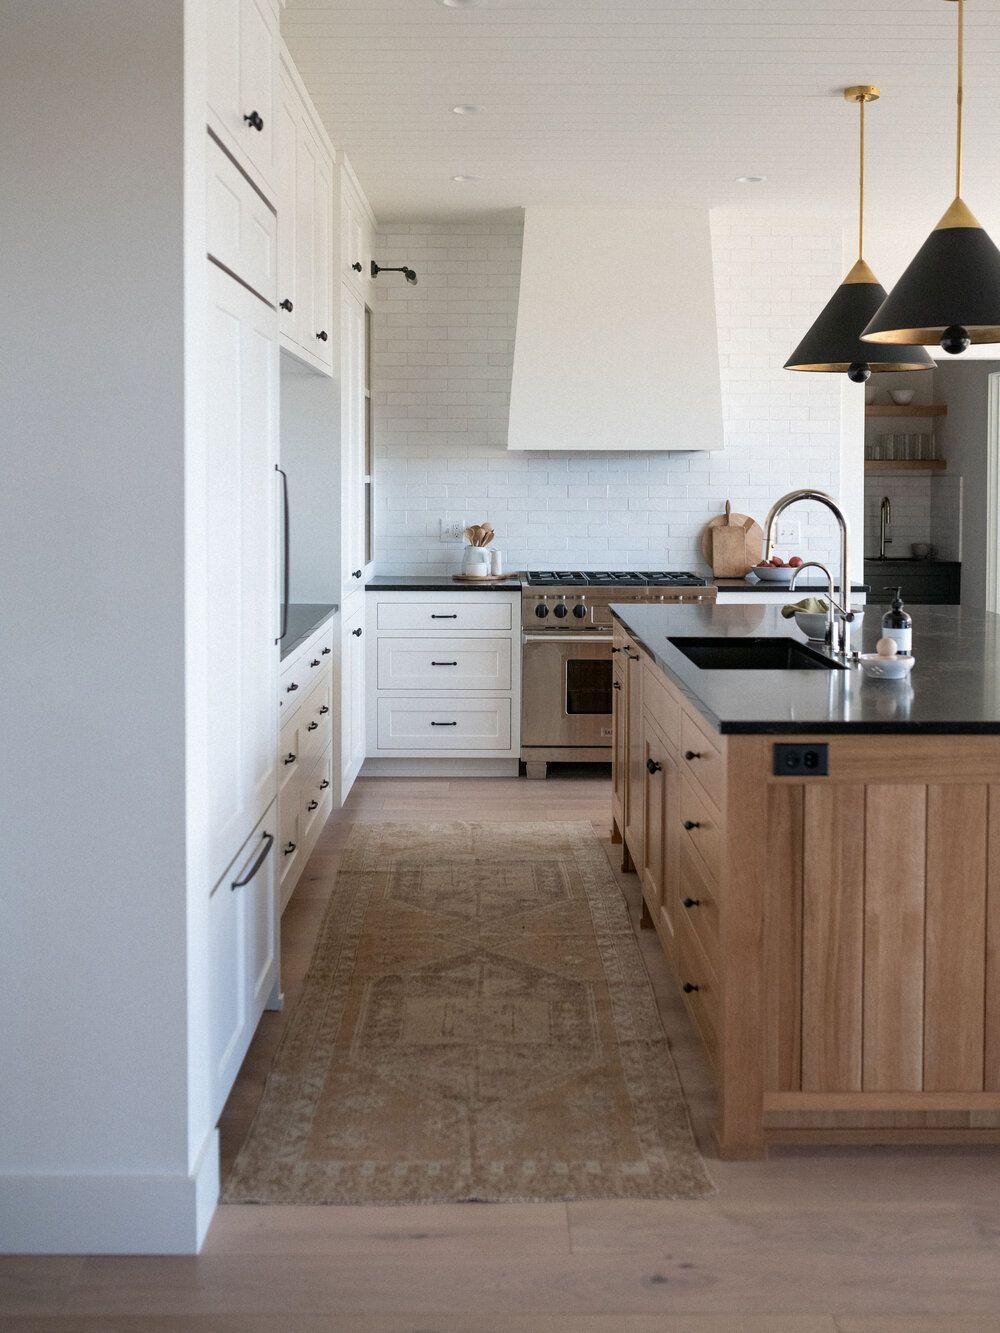 Wolverine Drive Kitchen Reveal Light Dwell Kitchen Trends Kitchen Interior Kitchen Inspirations